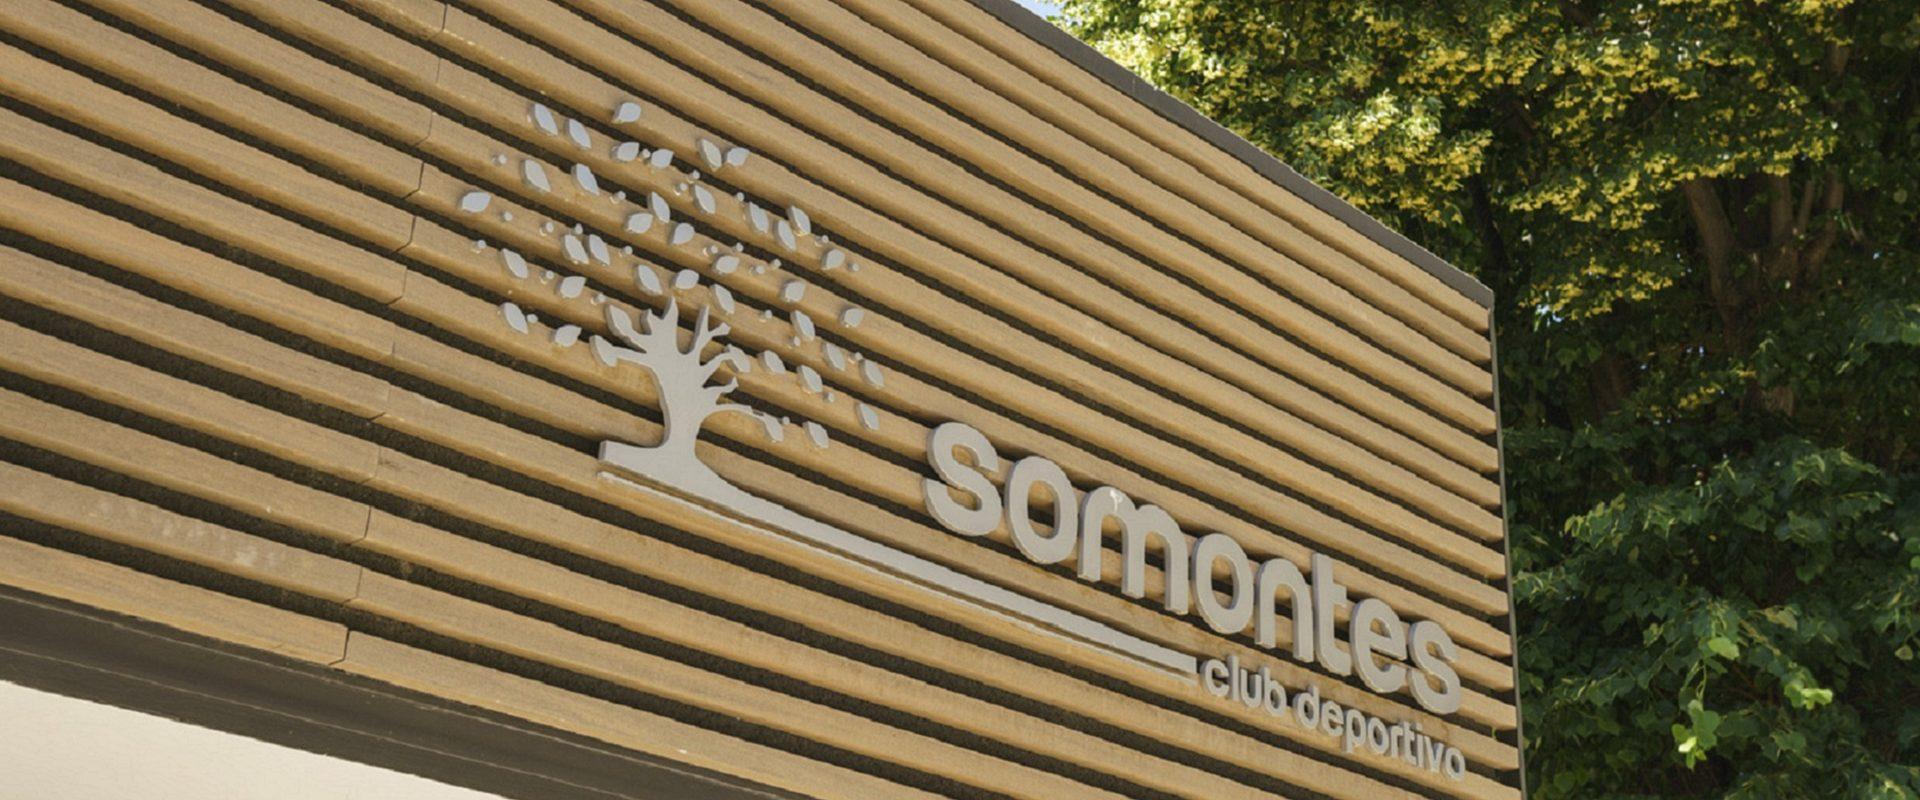 Letrero de Somontes en las oficinas